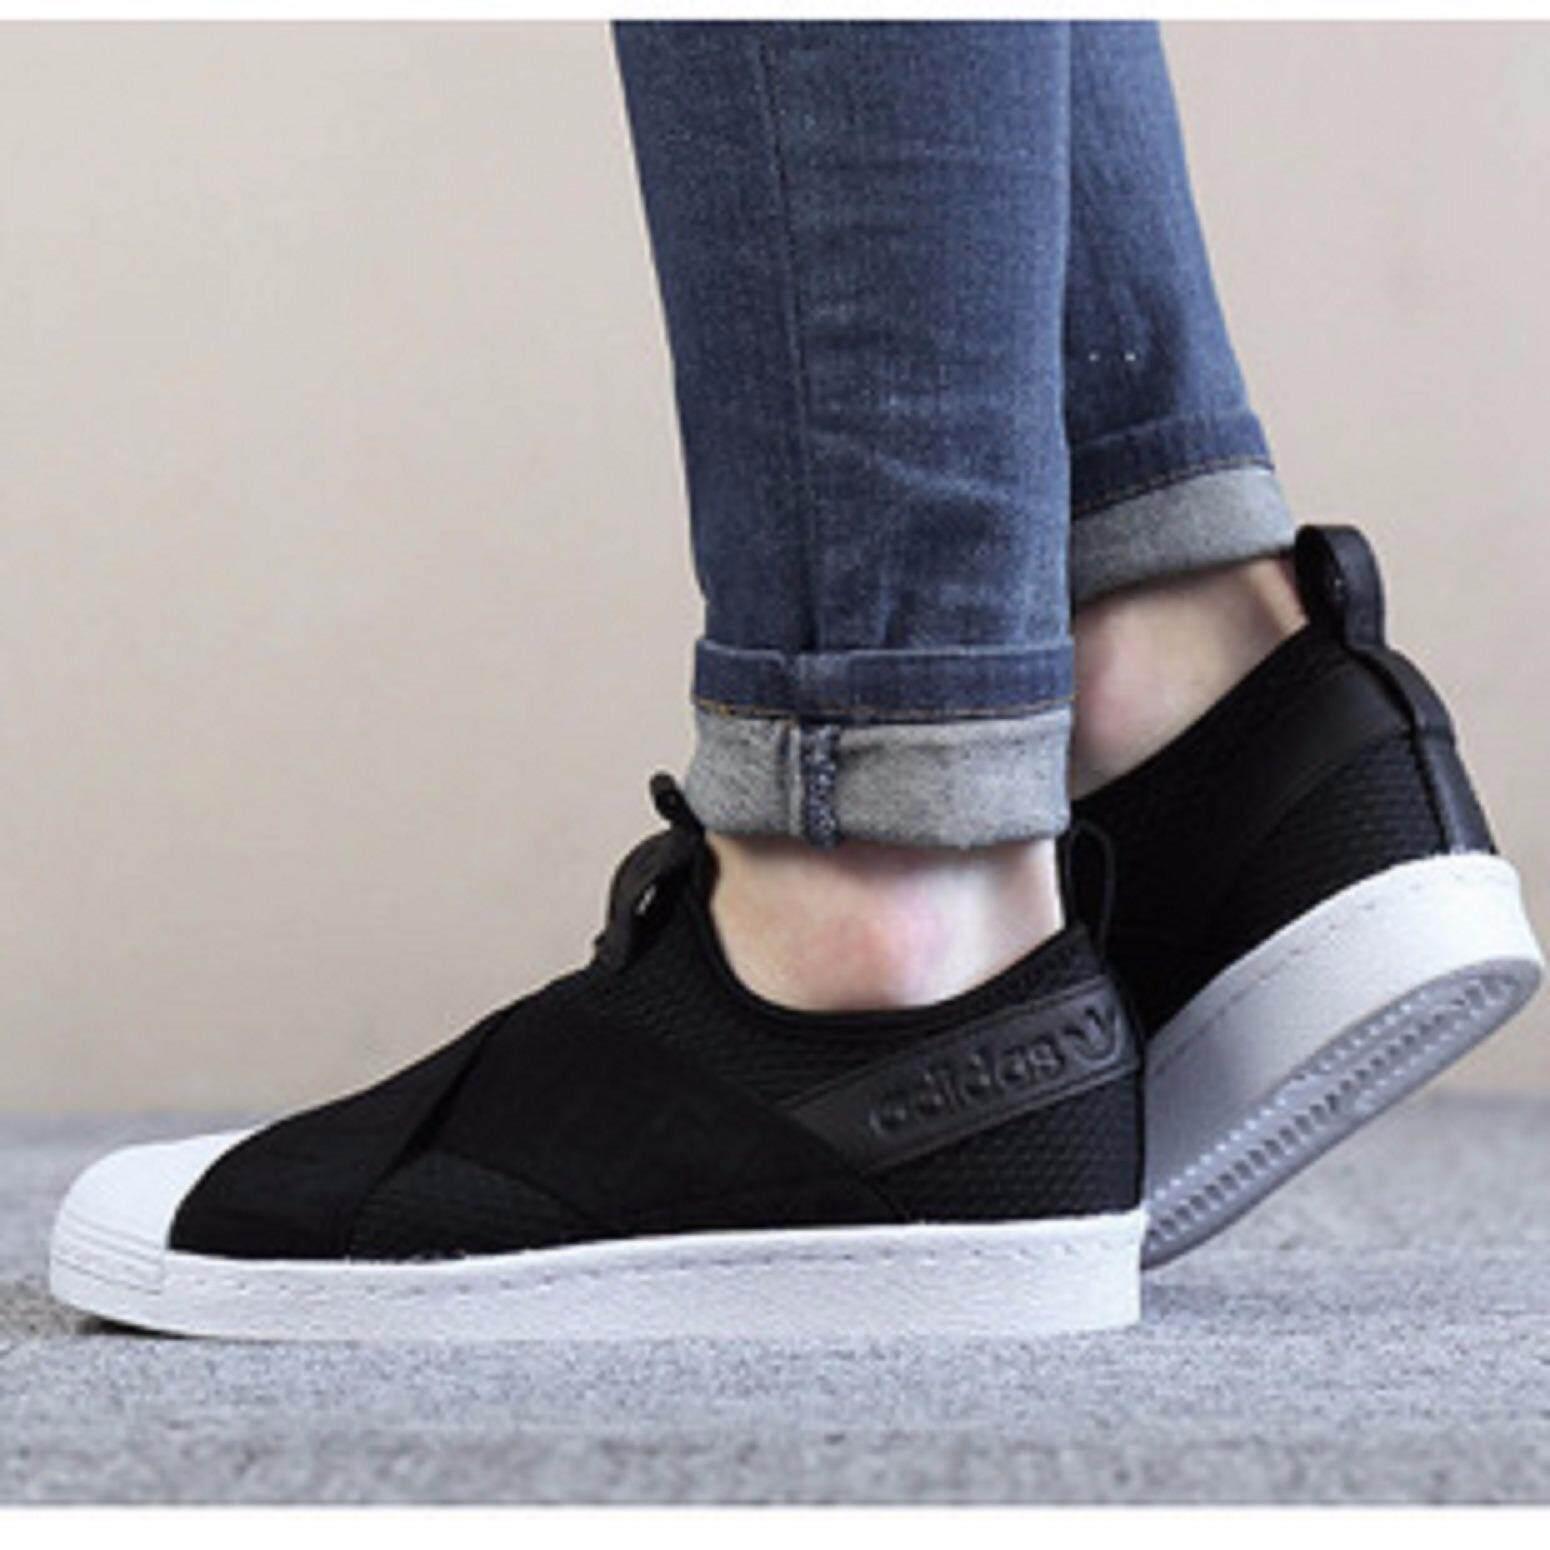 ขายดีมาก! ADIDAS SLIP ON อาดิดาส รองเท้าผ้าใบ แฟชั่น SUPERSTAR USA BLACK (รุ่นใหม่ล่าสุด) ++ลิขสิทธิ์แท้ 100% จาก ADIDAS พร้อมส่ง ส่งด่วน kerry++